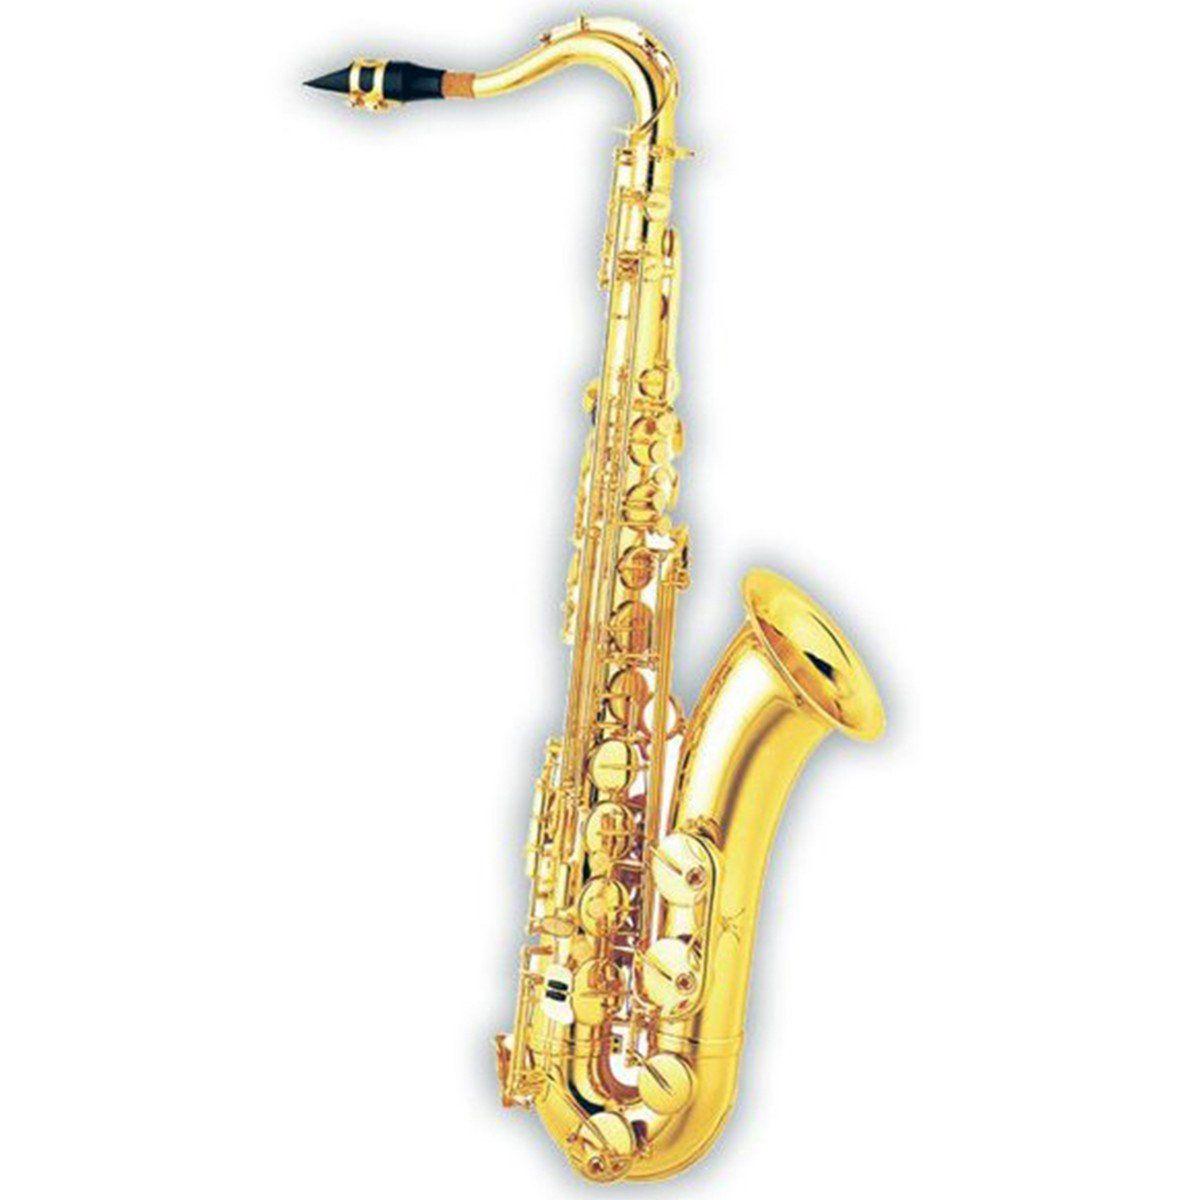 Benson BST-1 Saxofone Tenor com Afinação em Bb Sí Bemol